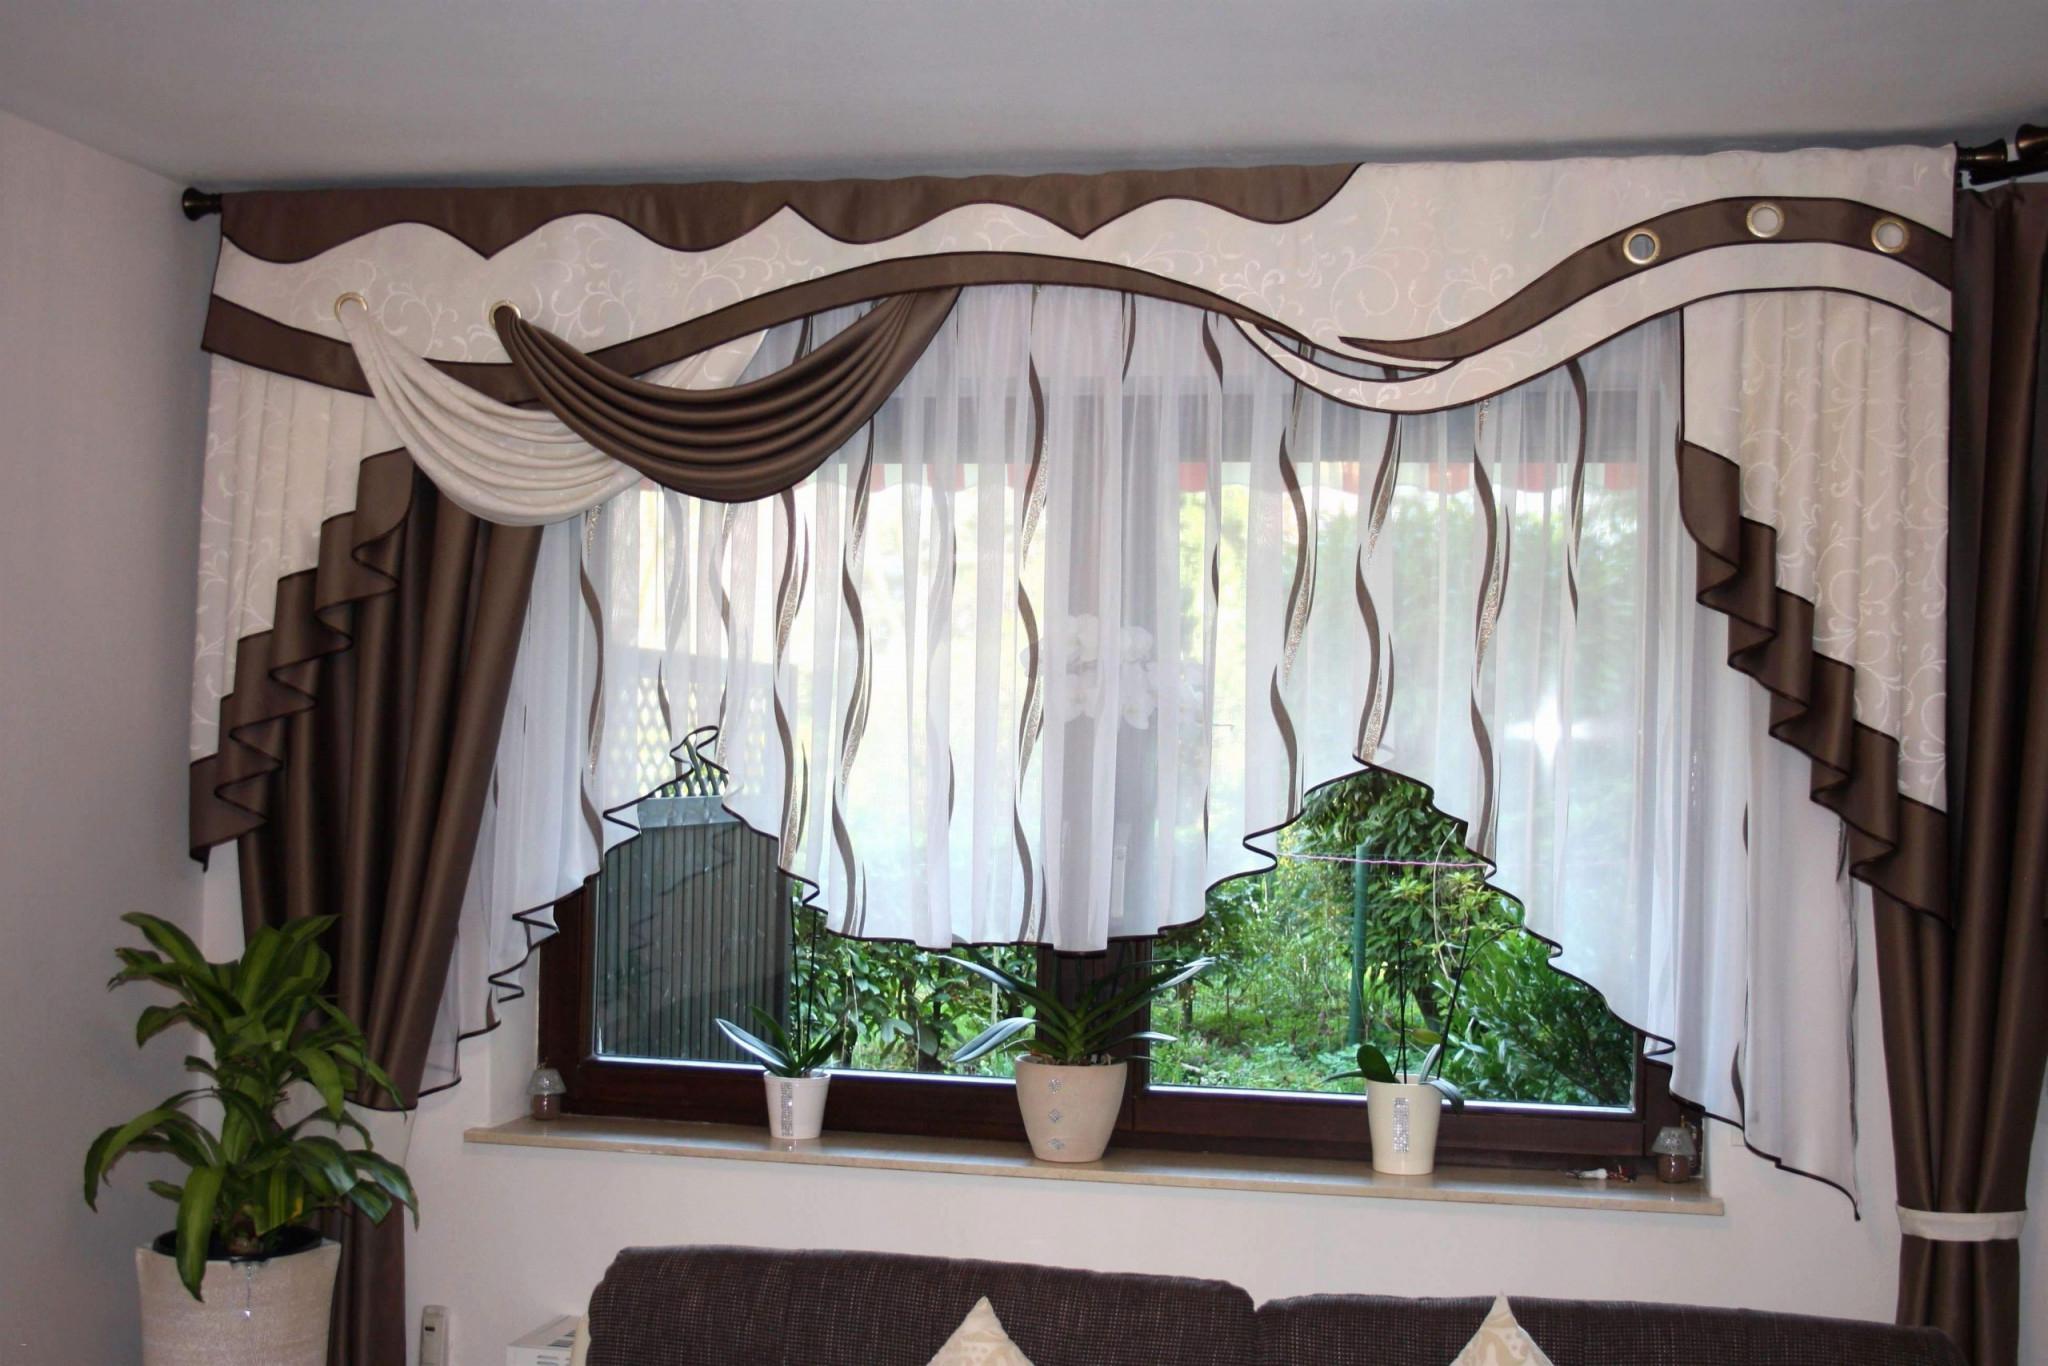 Gardinen Dekorationsvorschläge Wohnzimmer Reizend Schöne Bad von Schöne Wohnzimmer Gardinen Bild